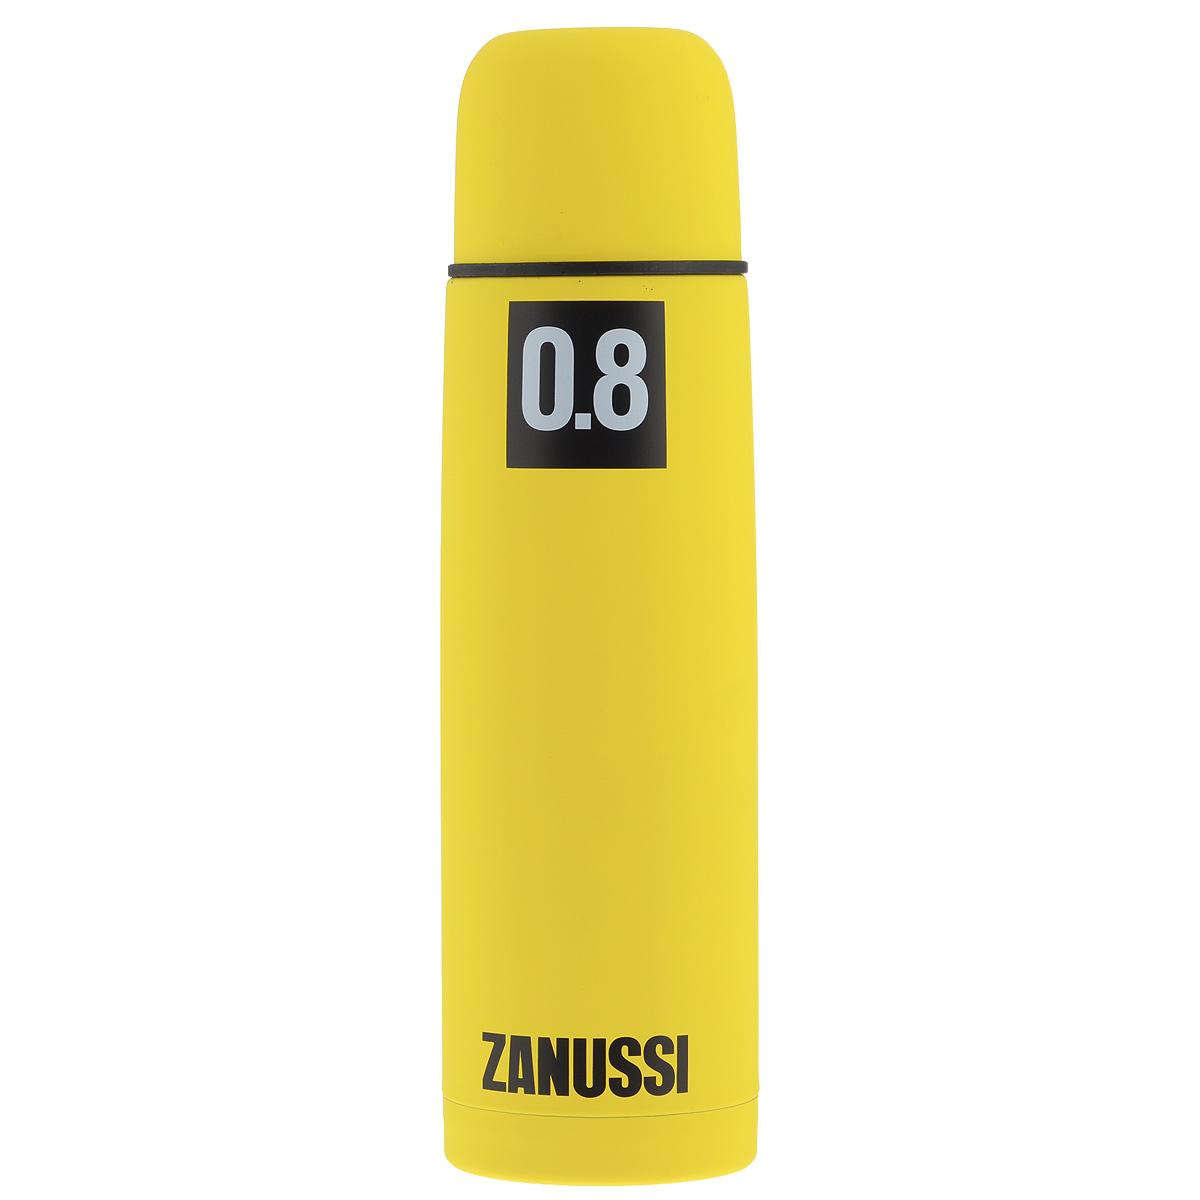 Термос Zanussi, цвет: желтый, 800 млZVF41221CFТермос с узким горлом Zanussi, изготовленный из высококачественной нержавеющей стали 18/10, является простым в использовании, экономичным и многофункциональным. Корпус изделия оснащен резиновым покрытием, благодаря чему термос практически невозможно разбить, он защищен от сколов. Термос с двухстеночной вакуумной изоляцией, предназначенный для хранения горячих и холодных напитков (чая, кофе), сохраняет их до 12 часов горячими и холодными в течении 24 часов. Изделие укомплектовано пробкой с кнопкой. Такая пробка удобна в использовании и позволяет, не отвинчивая ее, наливать напитки после простого нажатия. Изделие также оснащено крышкой-чашкой. Легкий и прочный термос Zanussi сохранит ваши напитки горячими или холодными надолго.